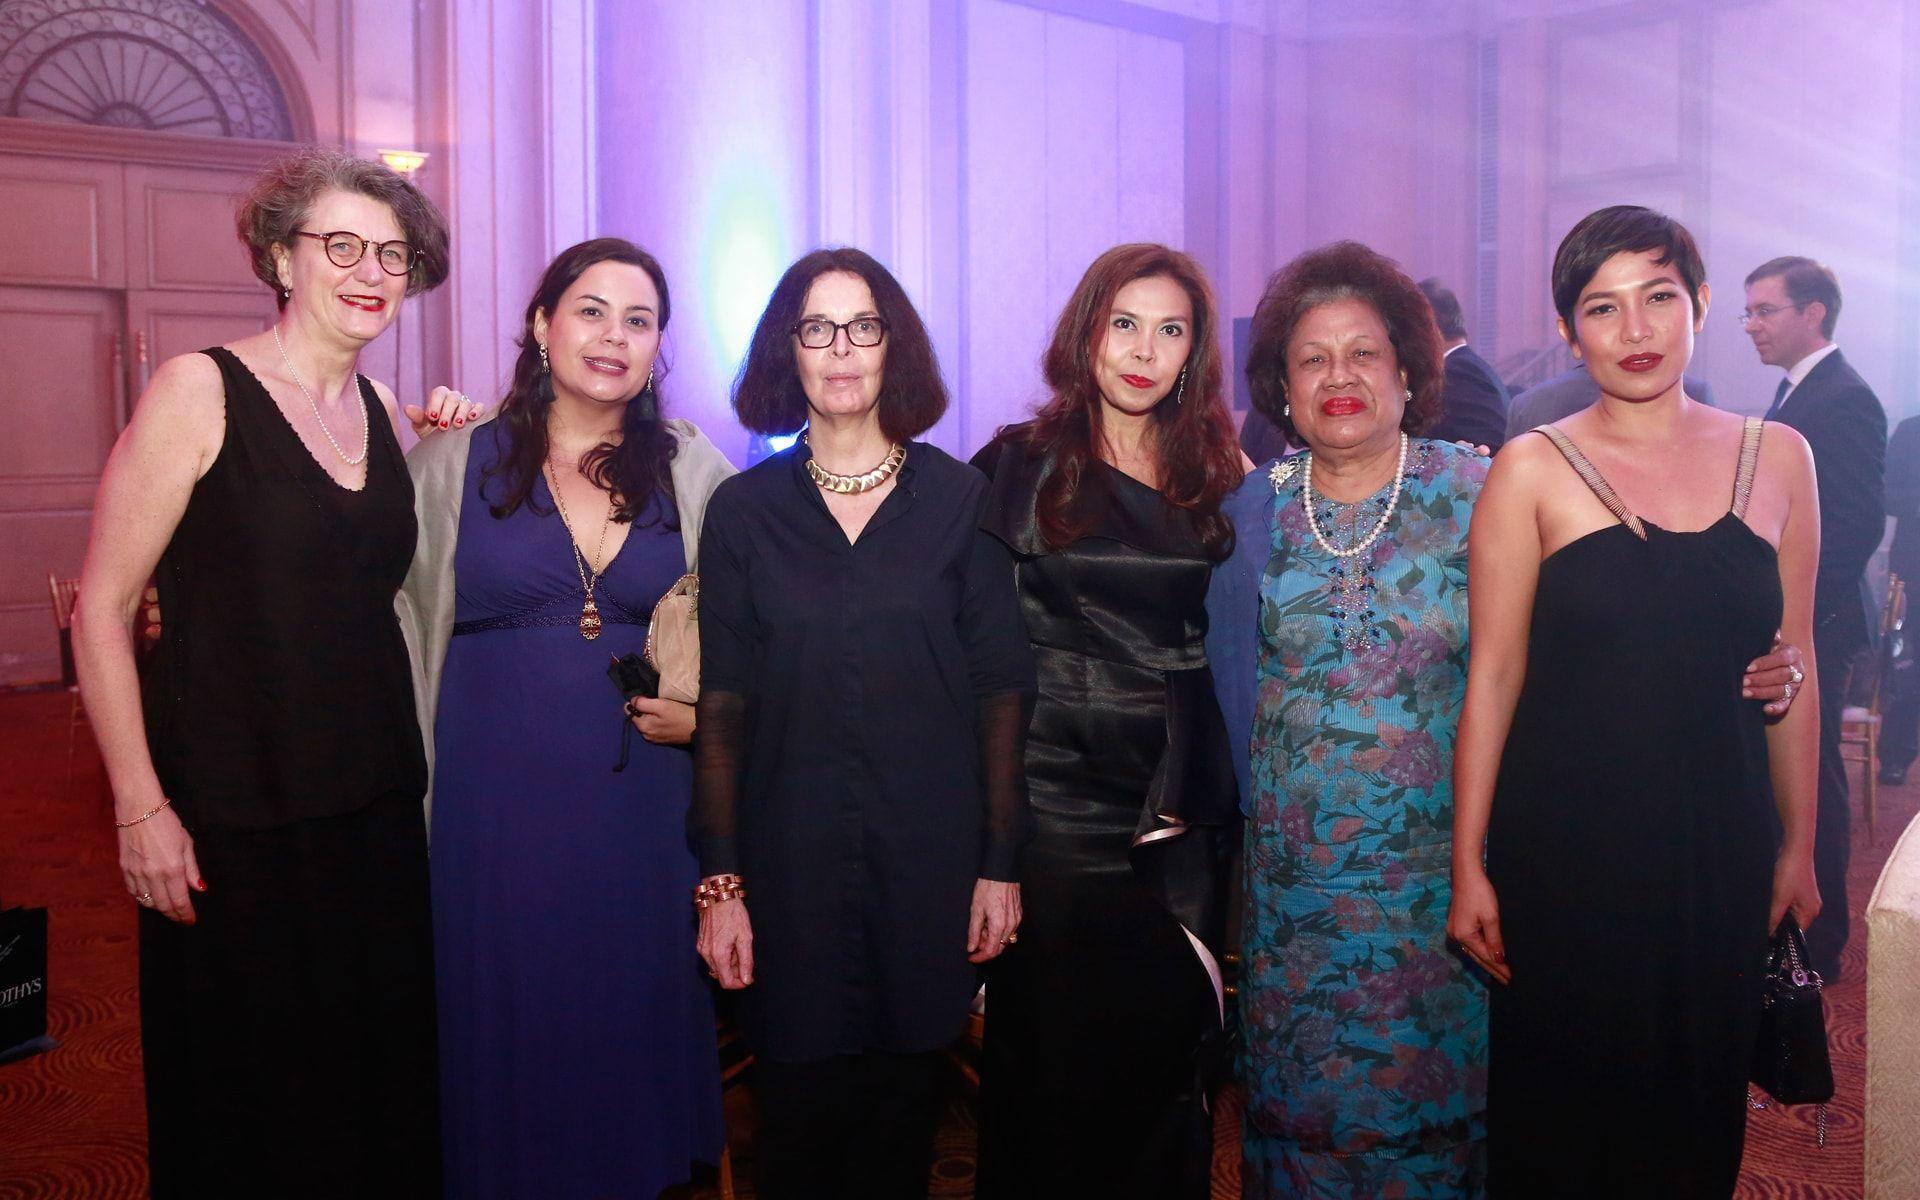 Sophie Coublot, Farrah Vivien Roguet, Anne Deguerry, Zaherani Mathern, Zaharah Vraguet and Su Oliveres